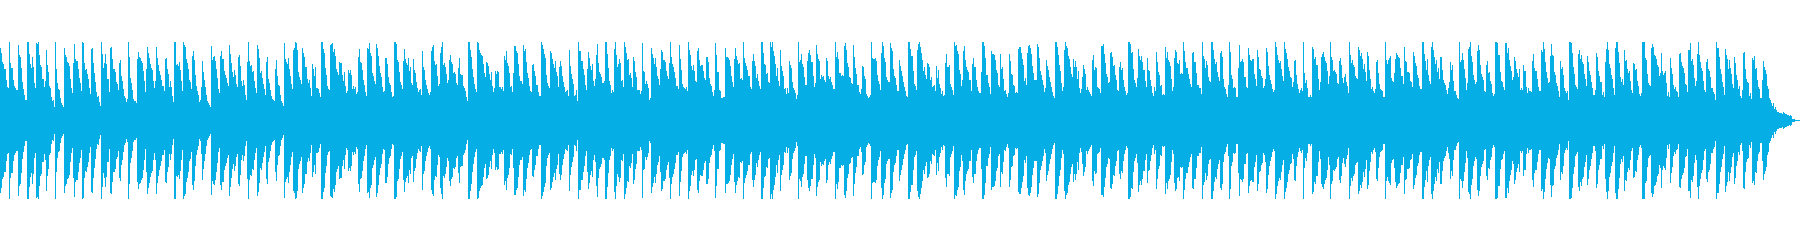 リラックス・ヒーリング ピアノの再生済みの波形